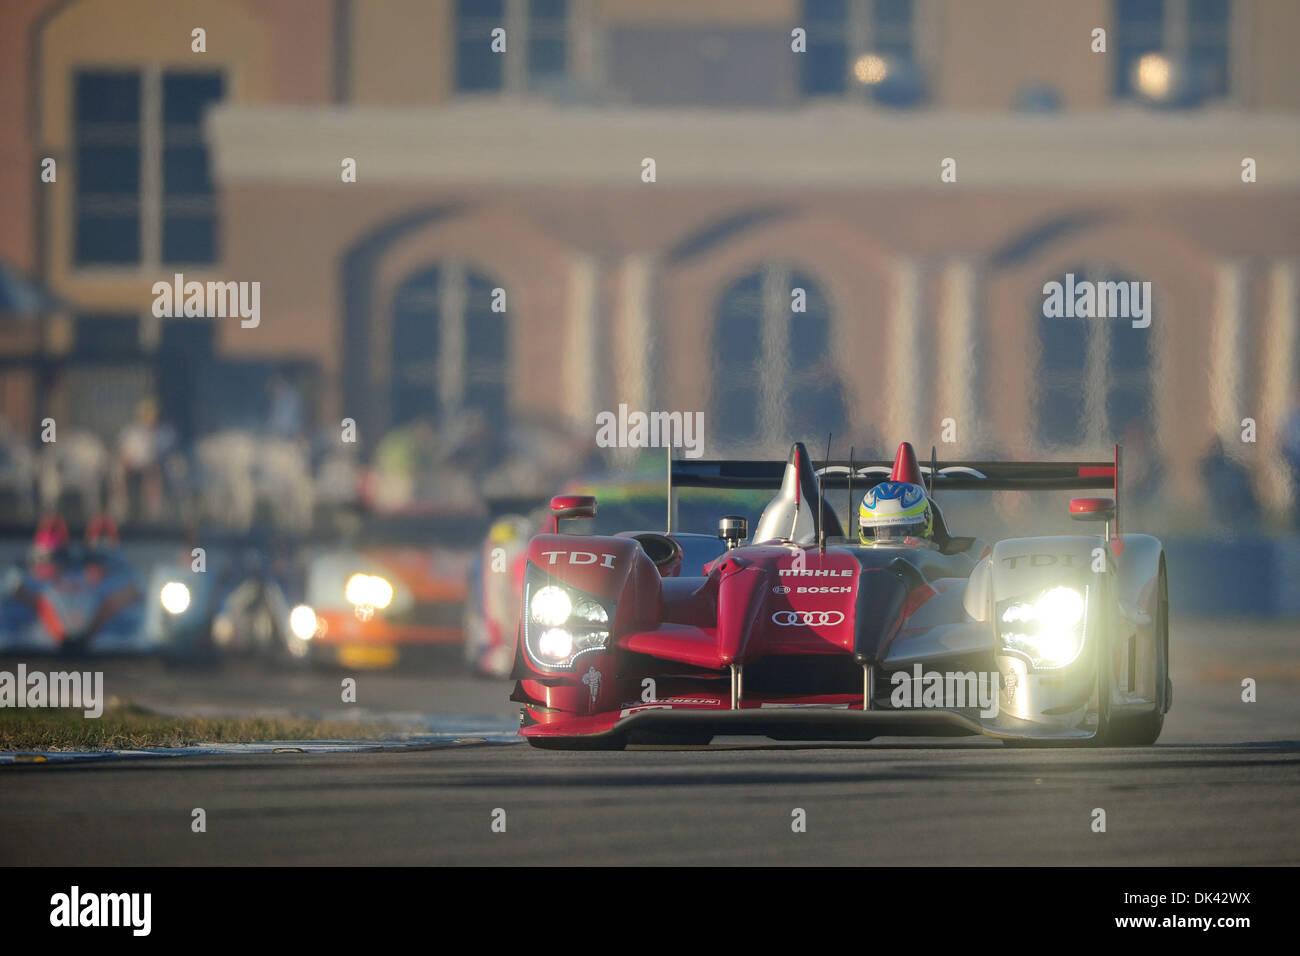 19. März 2011 - treibt Sebring, Florida, USA - Audi Sport-Fahrer MIKE ROCKENFELLER, Deutschland, der R15 Plus beim Warm-up für die 12 Stunden von Sebring. (Kredit-Bild: © Rainier Ehrhardt/ZUMApress.com) Stockbild